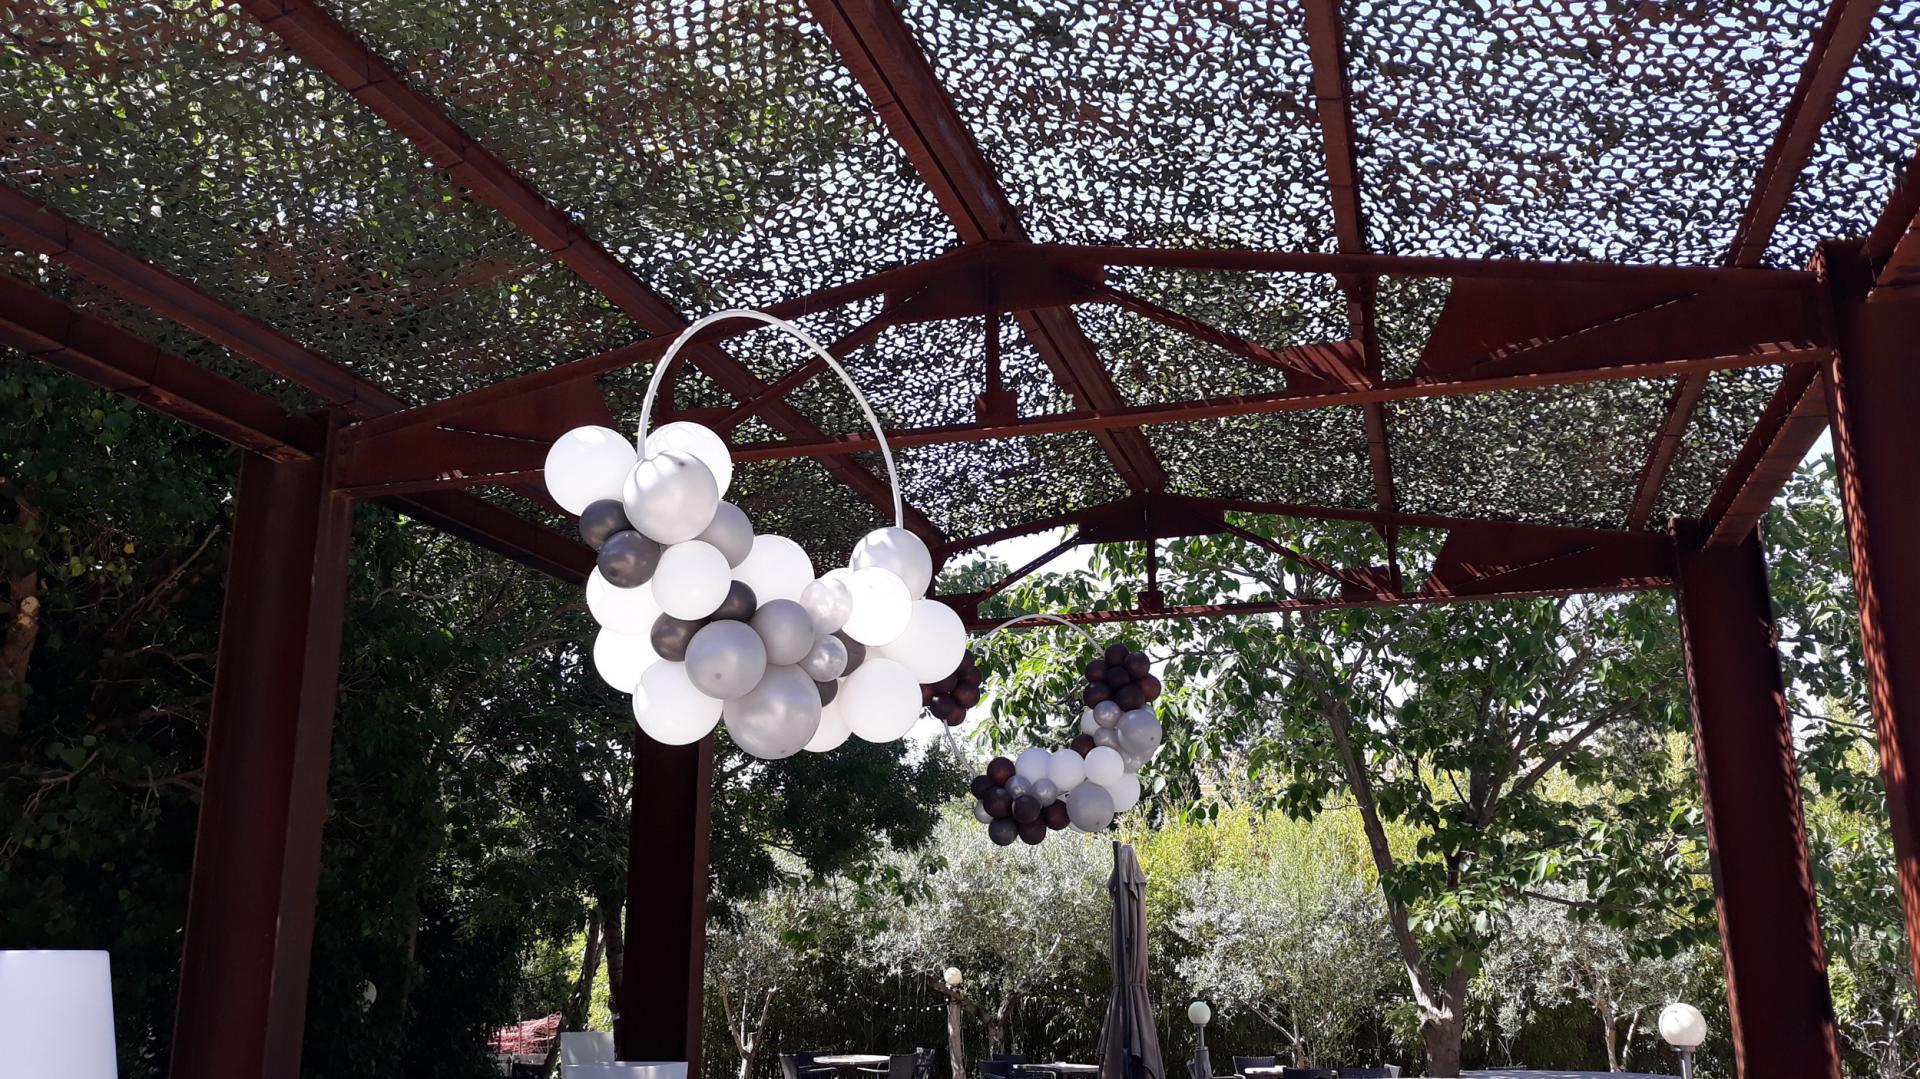 Cerceau Ballons organiques